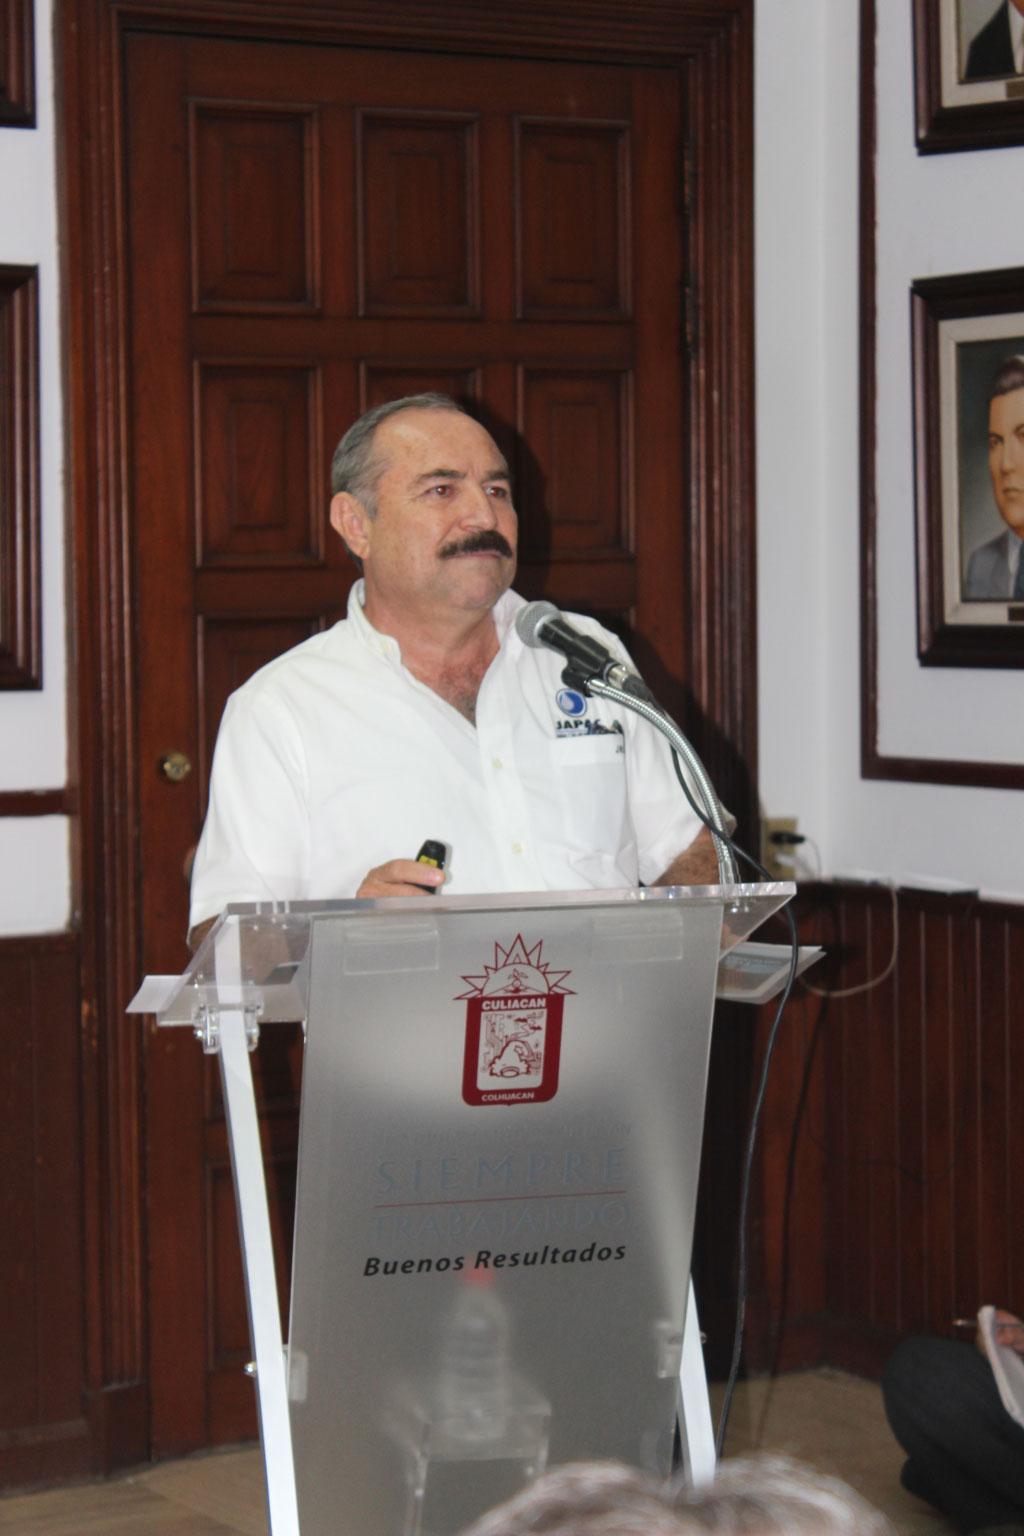 Noticias-2016-Comparece-el-Gerente-de-JAPAC-ante-el-Cabildo-de-Culiacan-02